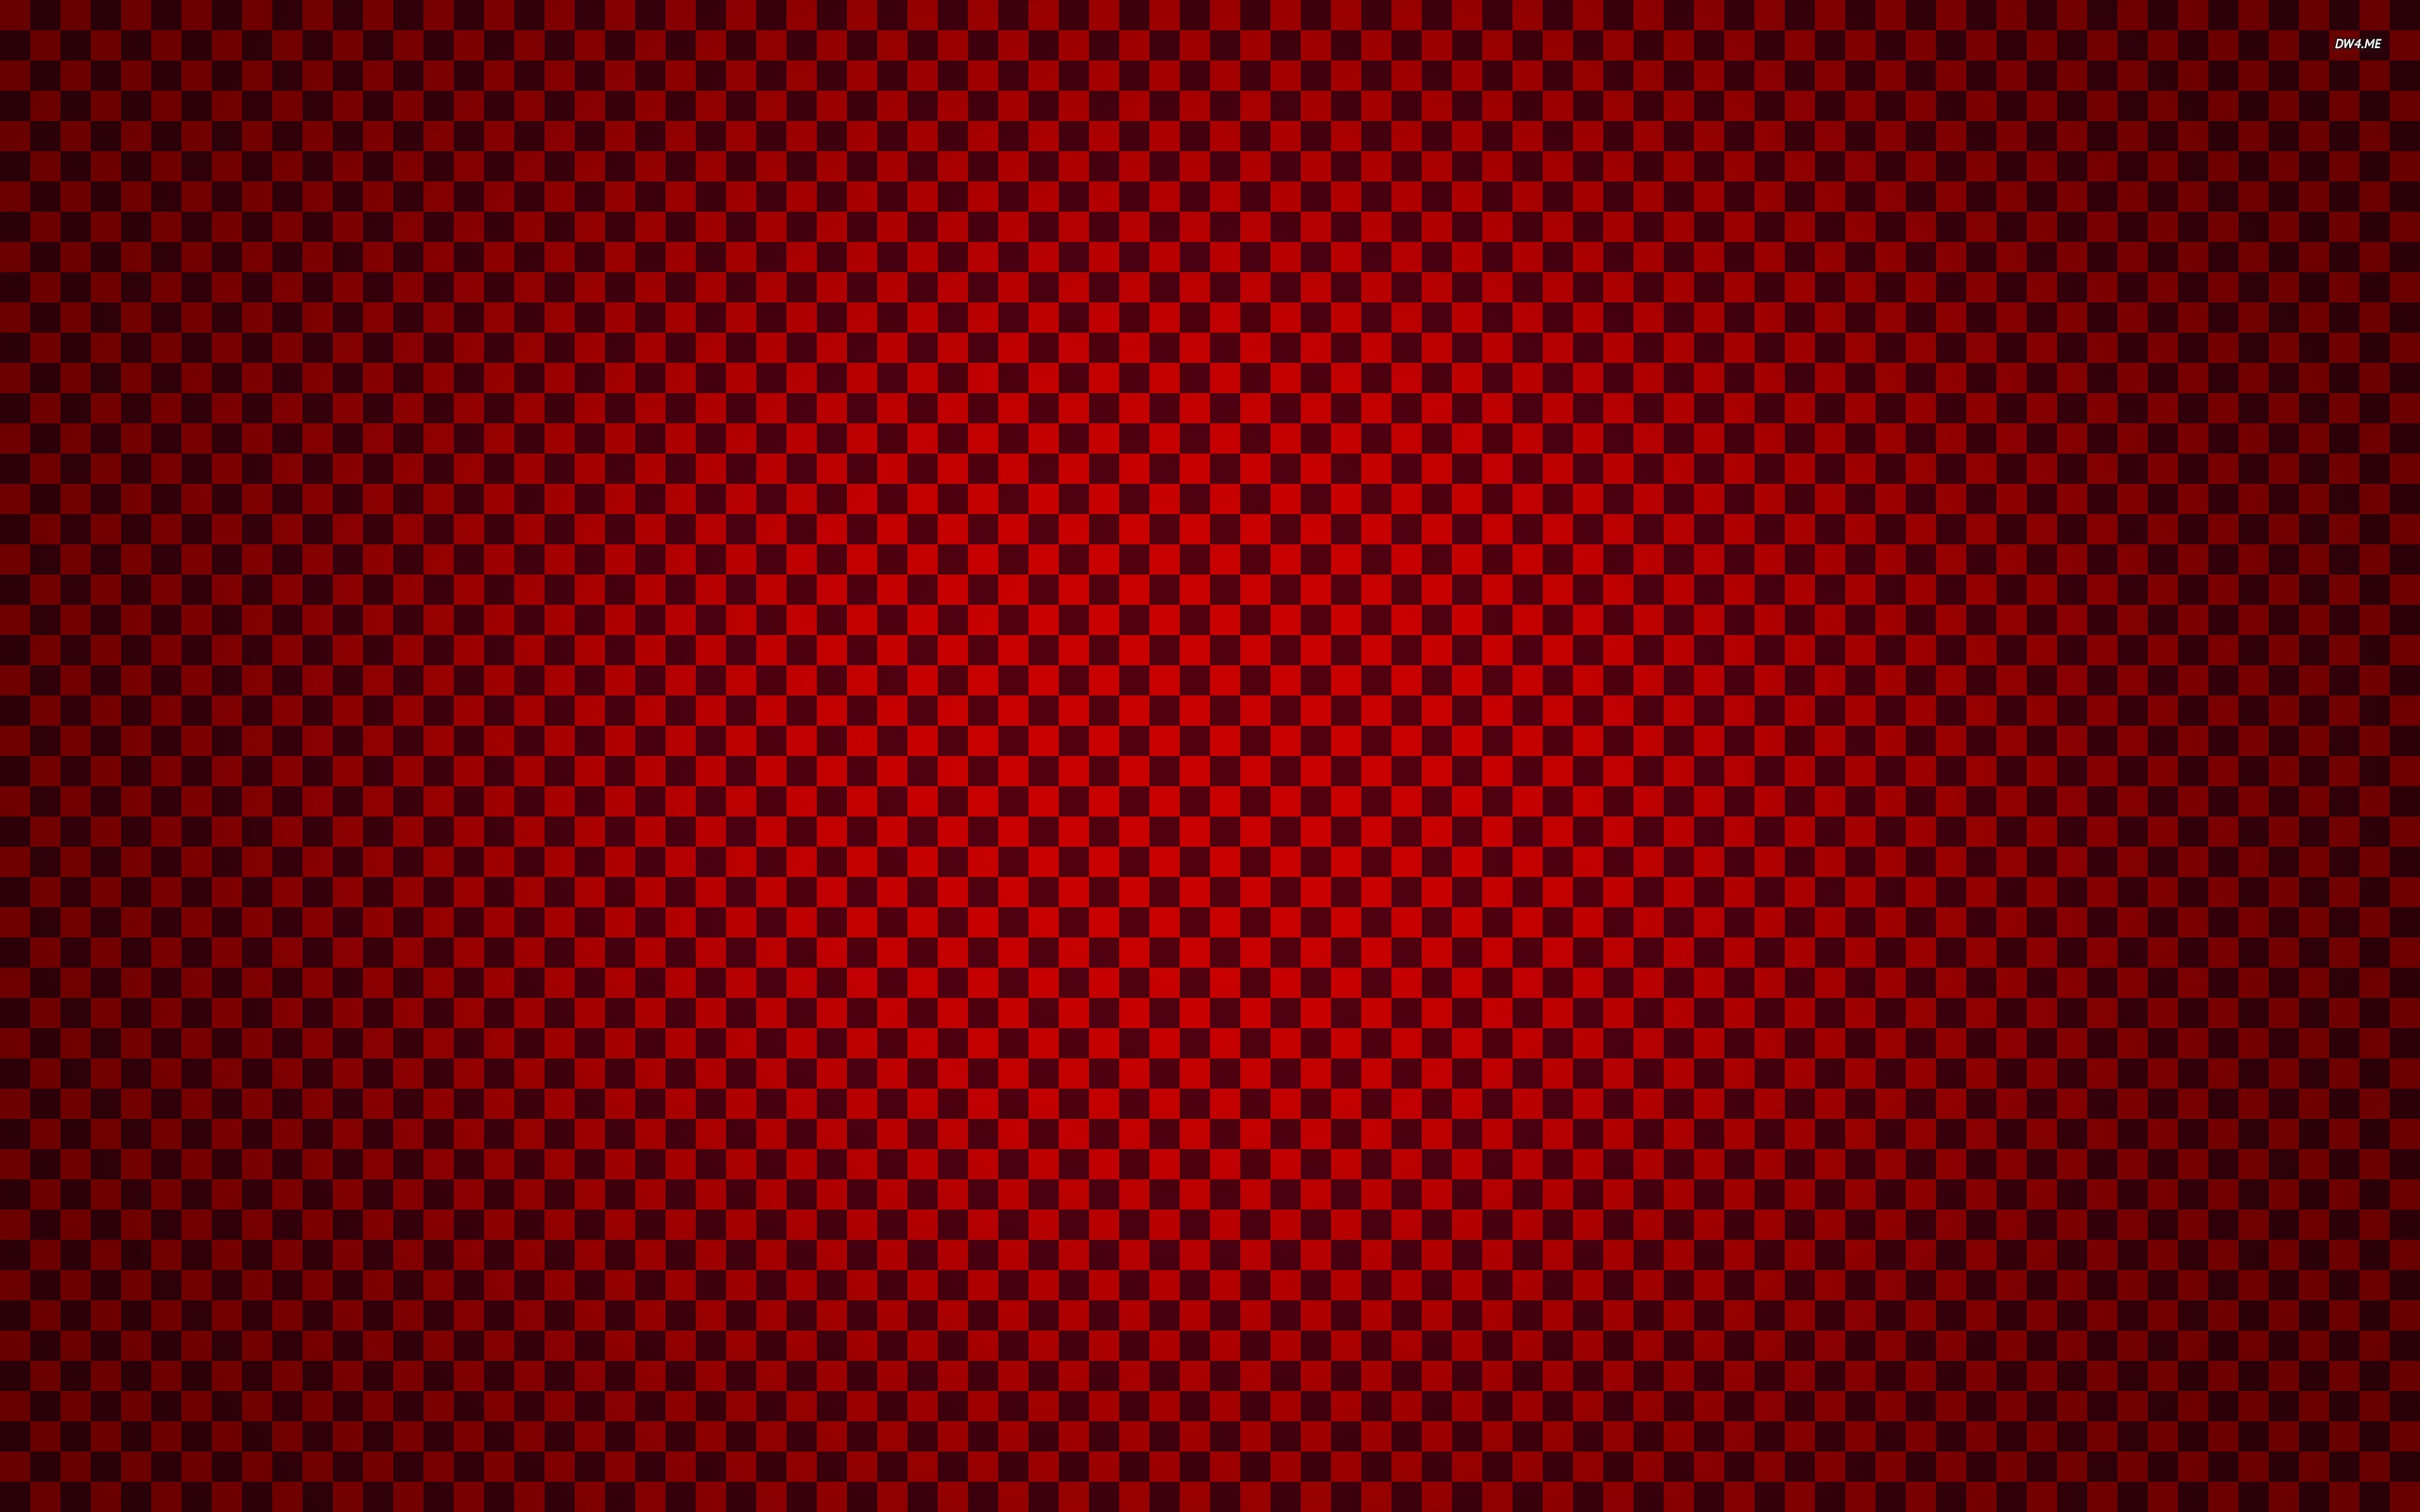 4K Carbon Fiber Wallpaper - WallpaperSafari